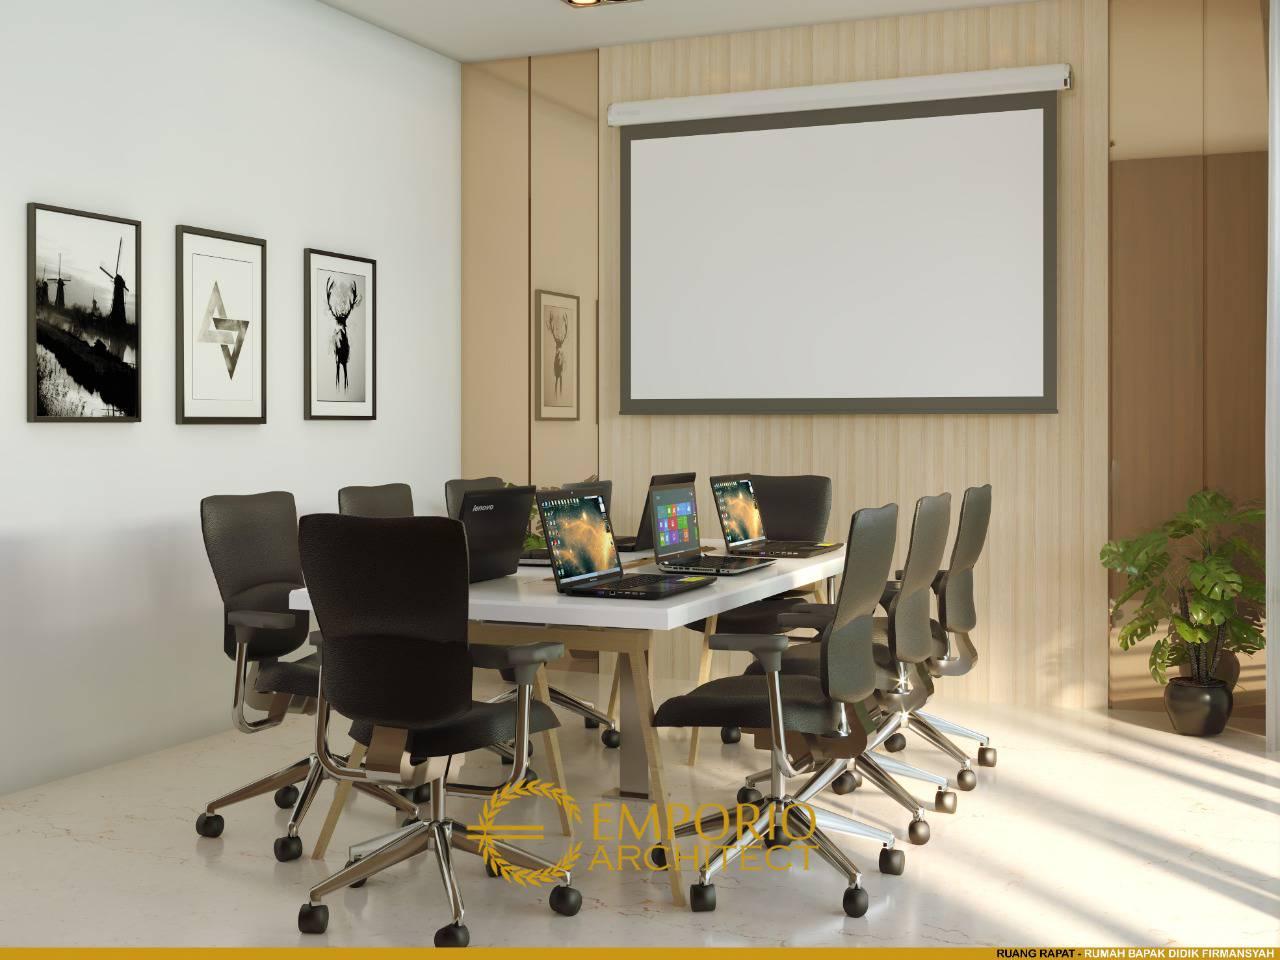 5 inspirasi desain interior ruang kerja minimalis untuk meningkatkan produktivitas part 4 08062004510249641